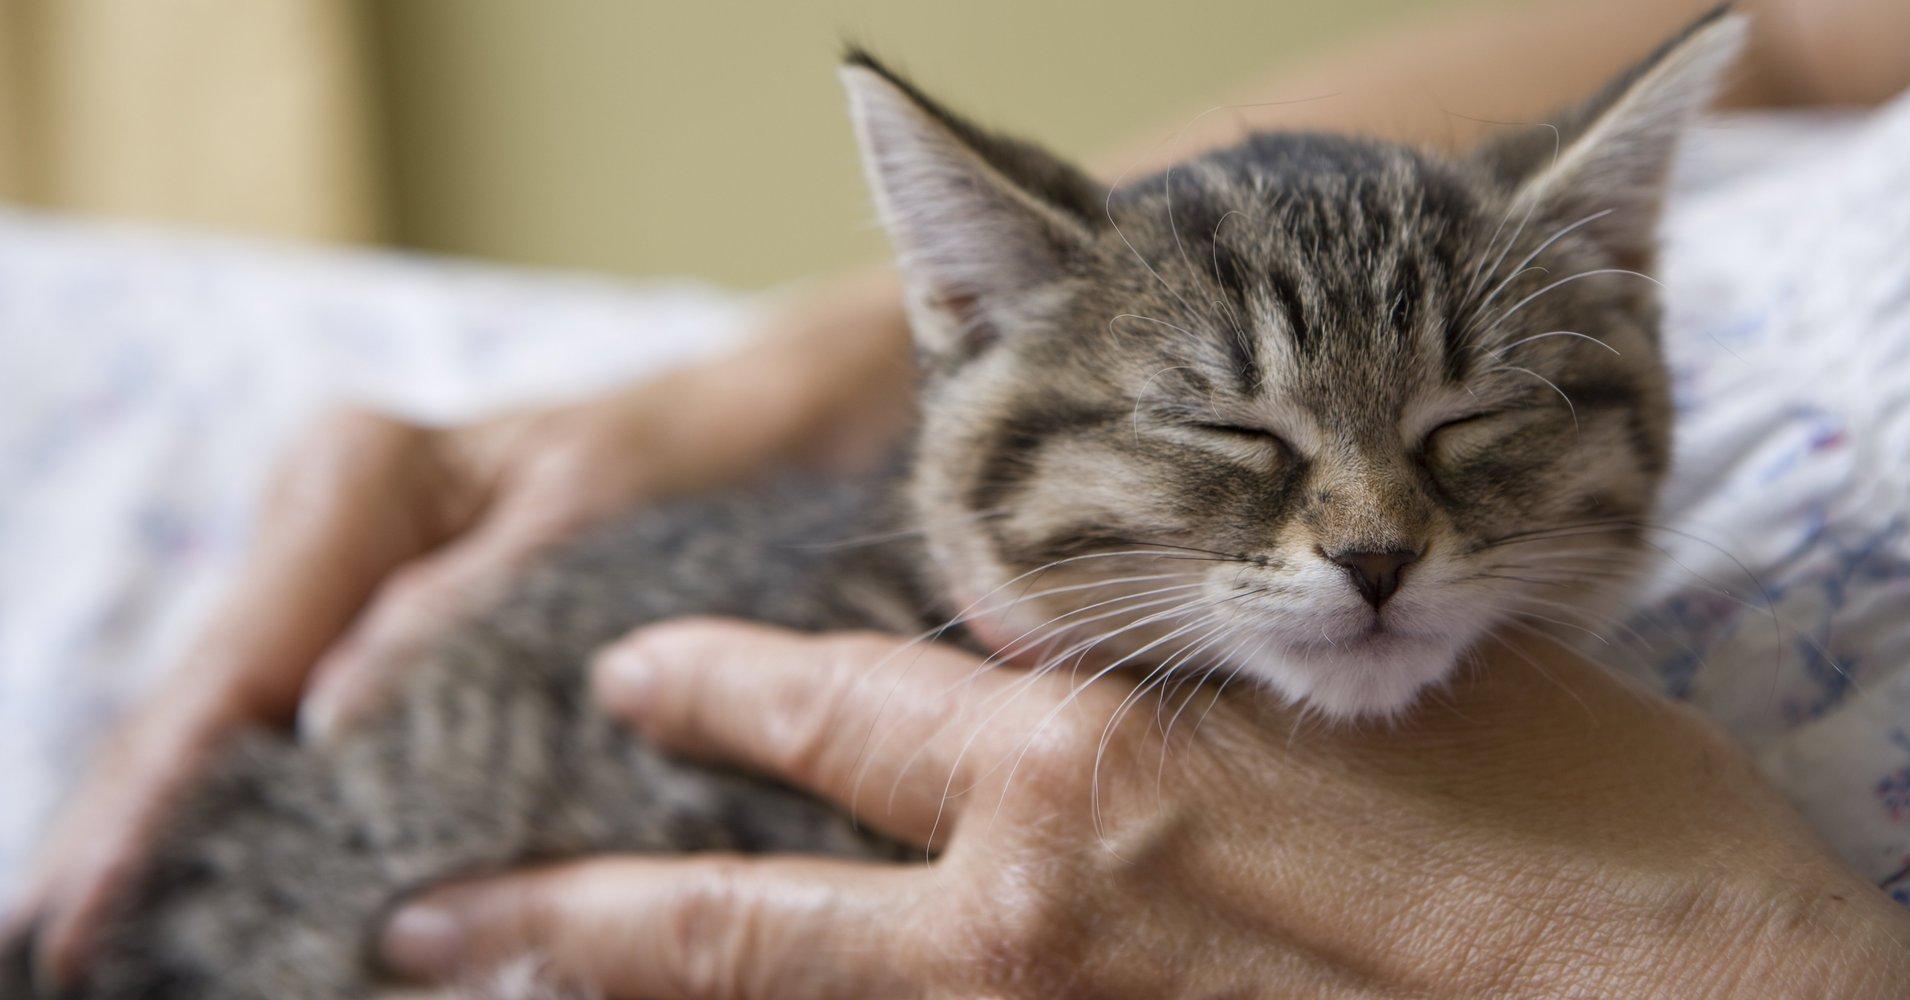 a.jpeg?resize=412,232 - Une clinique vétérinaire irlandaise a mis une offre d'emploi pour la profession de 'câlineur de chat'